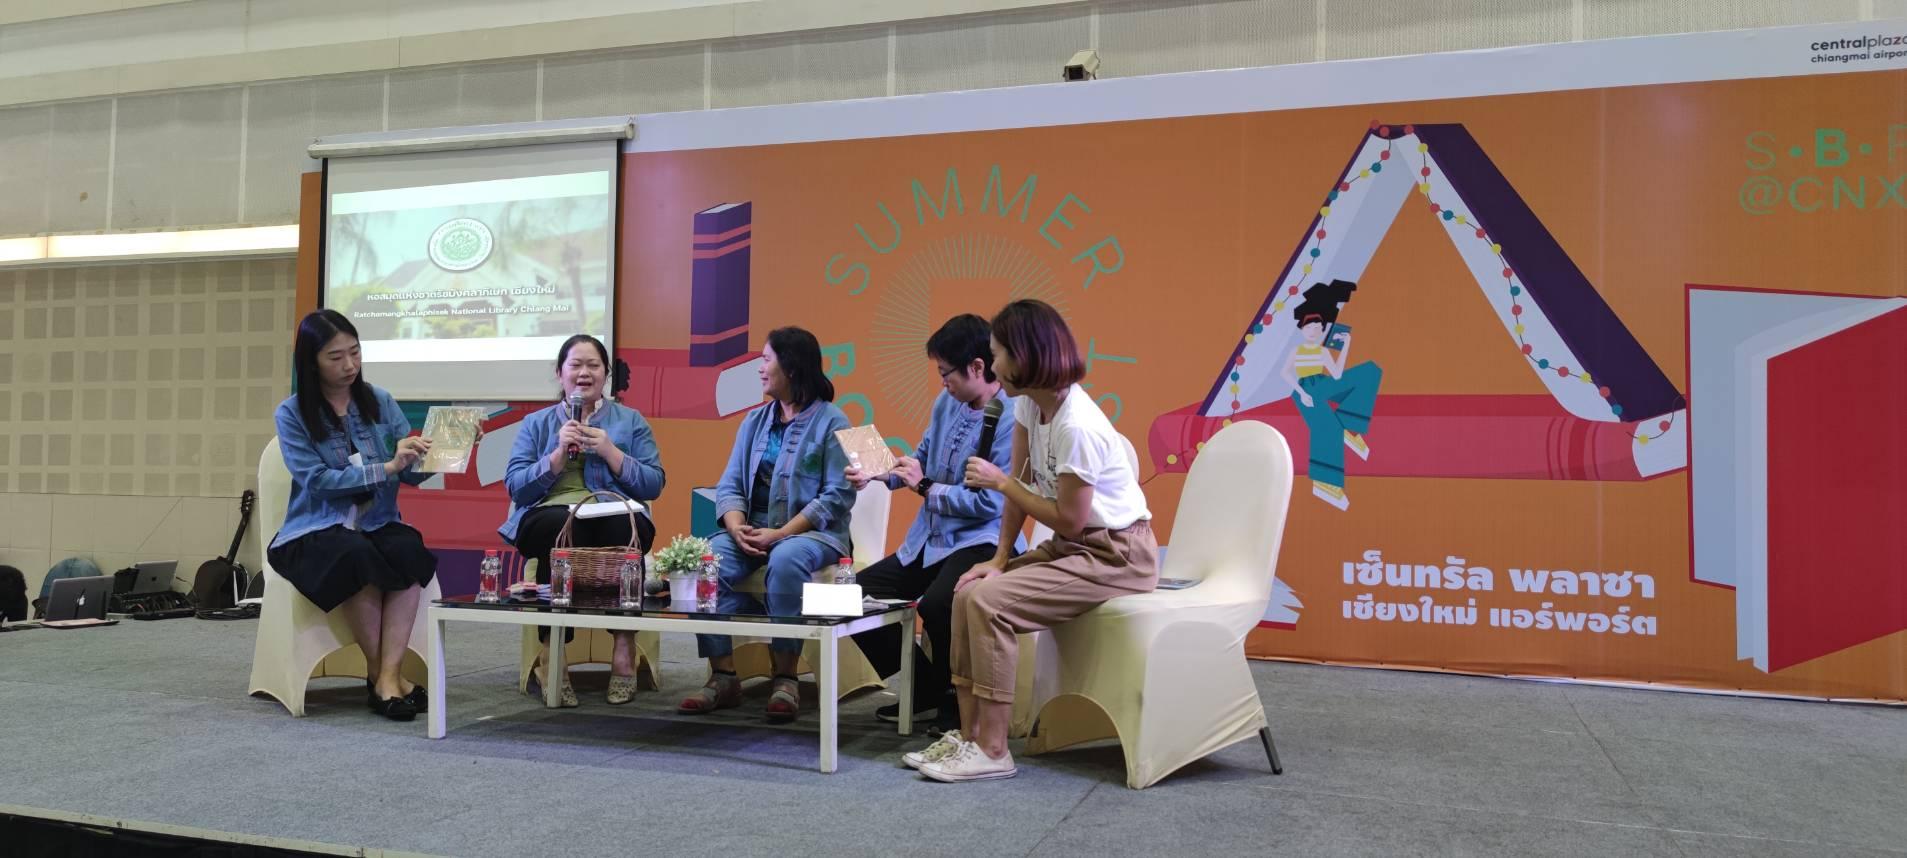 กิจกรรมเสวนาในงาน Summer Book Fest หัวข้อ  บริการวิถีใหม่กับงานหอสมุดแห่งชาติรัชมังคลาภิเษกเชียงใหม่